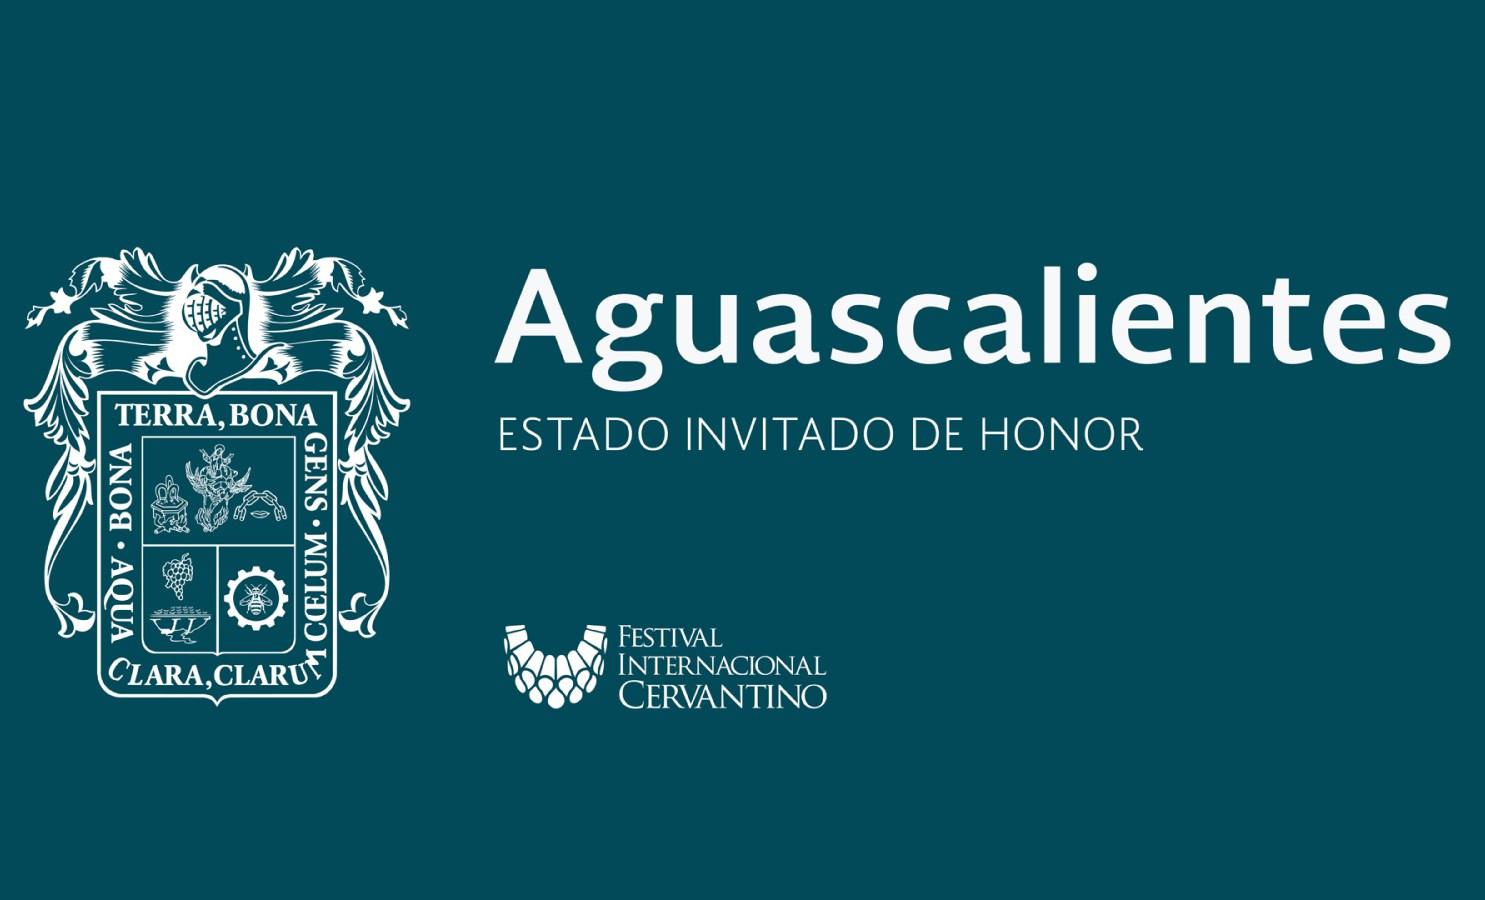 India y Aguascalientes, Invitados de Honor para la edición 46 del Festival Internacional Cervantino